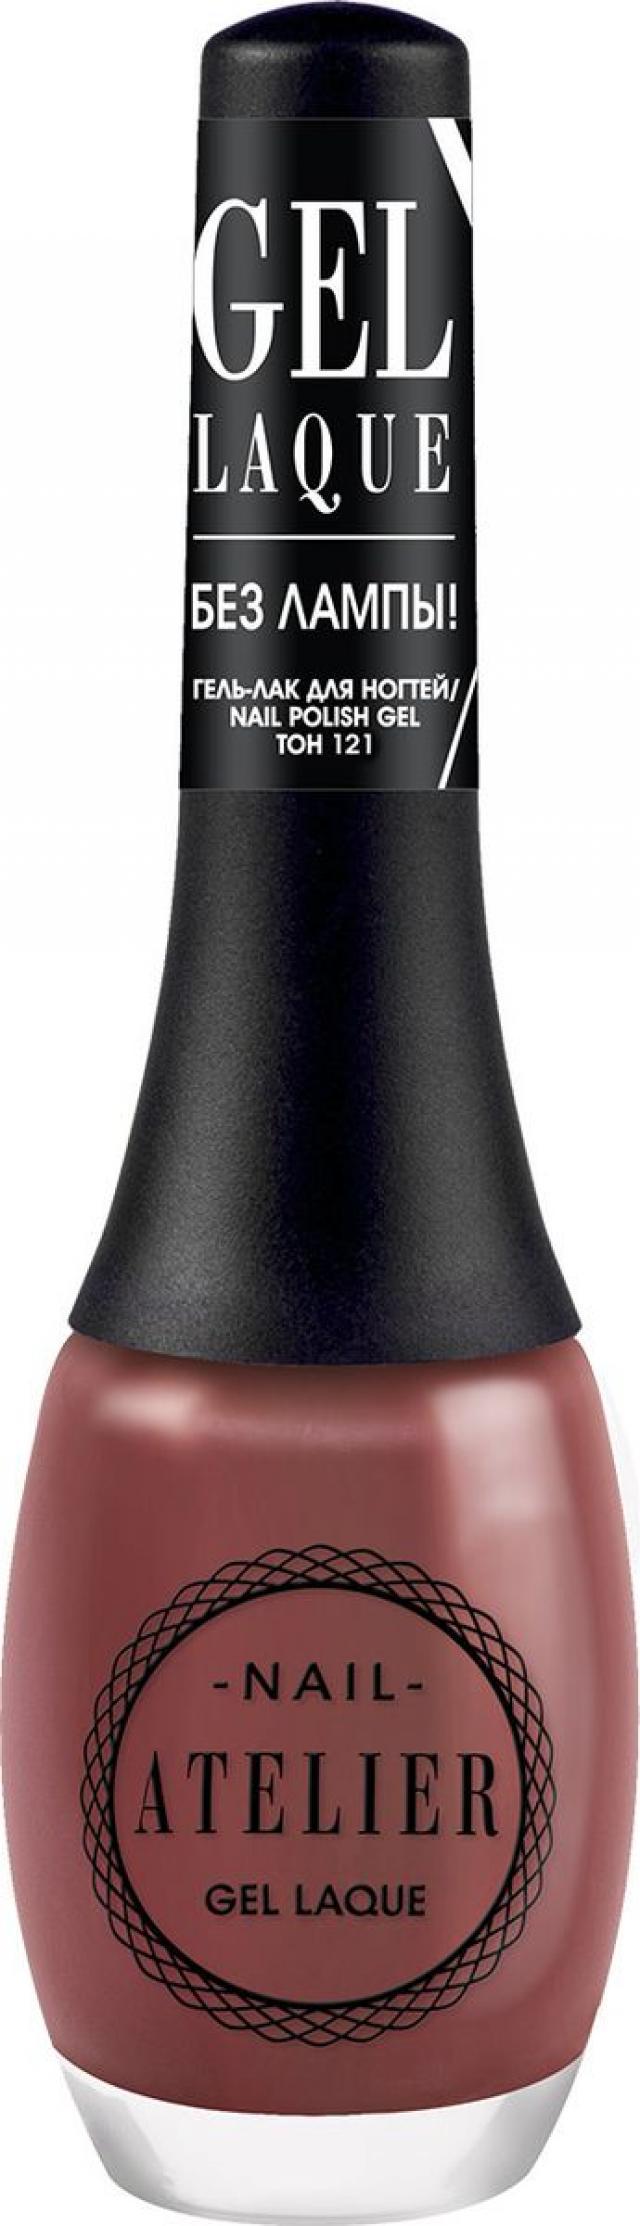 Вивьен Сабо гель-лак для ногтей т.121 купить в Москве по цене от 131 рублей